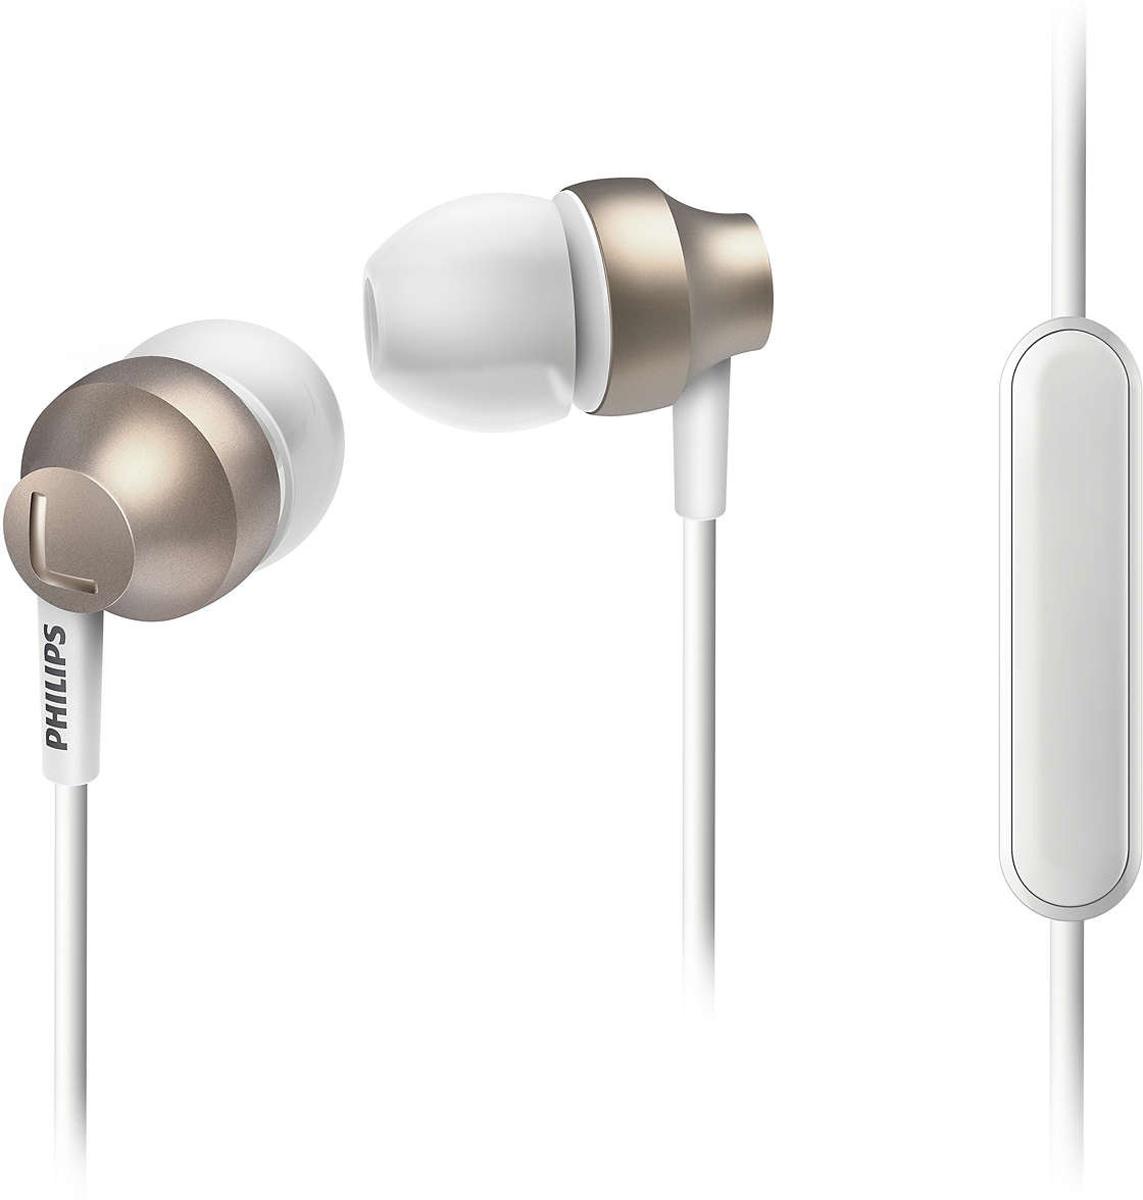 Philips SHE3855, White Gold наушникиSHE3855GD/00Стильные и удобные наушники-вкладыши Philips Chromz (SHE3855) с превосходным дизайном обеспечивают воспроизведение насыщенных басов. Цвета матовой отделки, выполненной методом вакуумной металлизации, соответствуют цветам iPhone 6s. В комплект входят насадки 3 размеров (маленькие, средние и большие), чтобы вы могли выбрать подходящий вариант для себя.Благодаря встроенному микрофону можно легко переключаться между режимами разговора и прослушивания музыки, чтобы всегда оставаться на связи.Качественная матовая отделка, выполненная методом вакуумной металлизации, обеспечивает дополнительную защиту.Эргономичная овальная звуковая трубка обеспечивает максимально комфортную посадку, подстраиваясь под форму уха.Ультракомпактные наушники с удобной посадкой полностью заполняют ушную раковину и заглушают внешние звуки.Компактные наушники-вкладыши Philips Chromz (SHE3855) с удобной посадкой и мощными излучателями обеспечивают чистый звук и мощный бас.Мягкий резиновый сгиб предотвращает повреждение контактов при многократном сгибании кабеля и продлевает срок службы наушников.